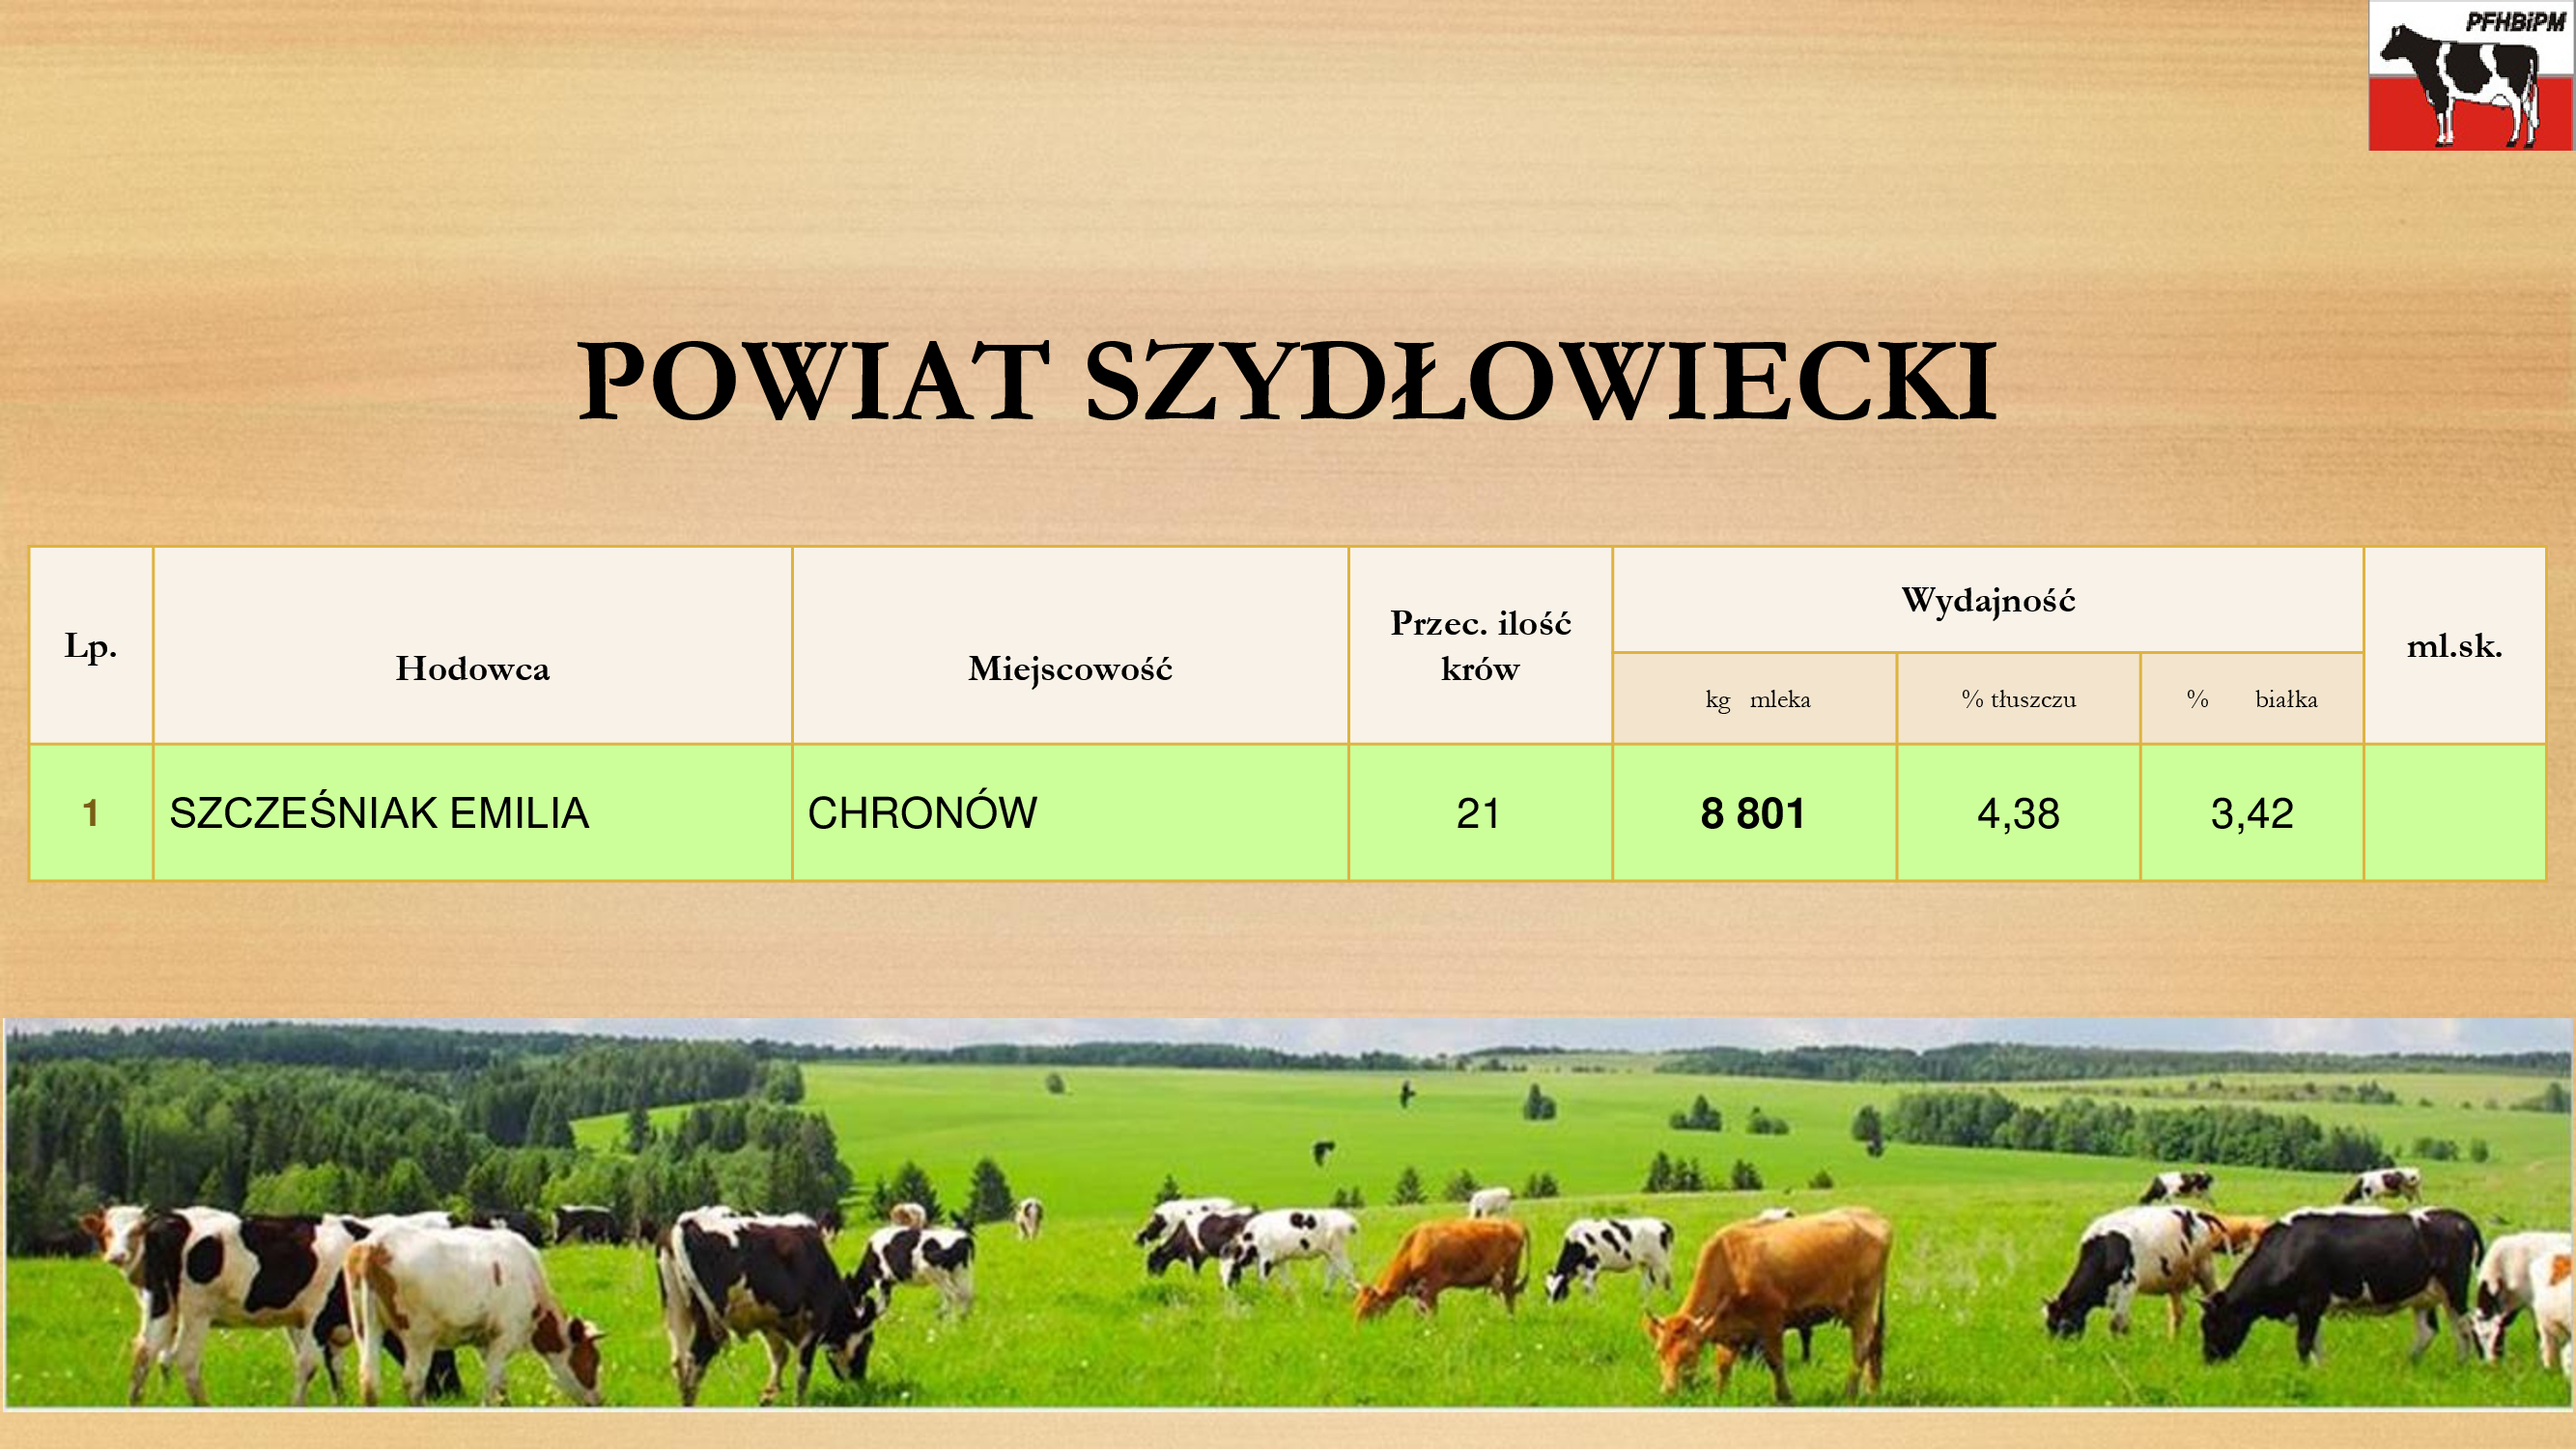 Powiat Szydłowiecki